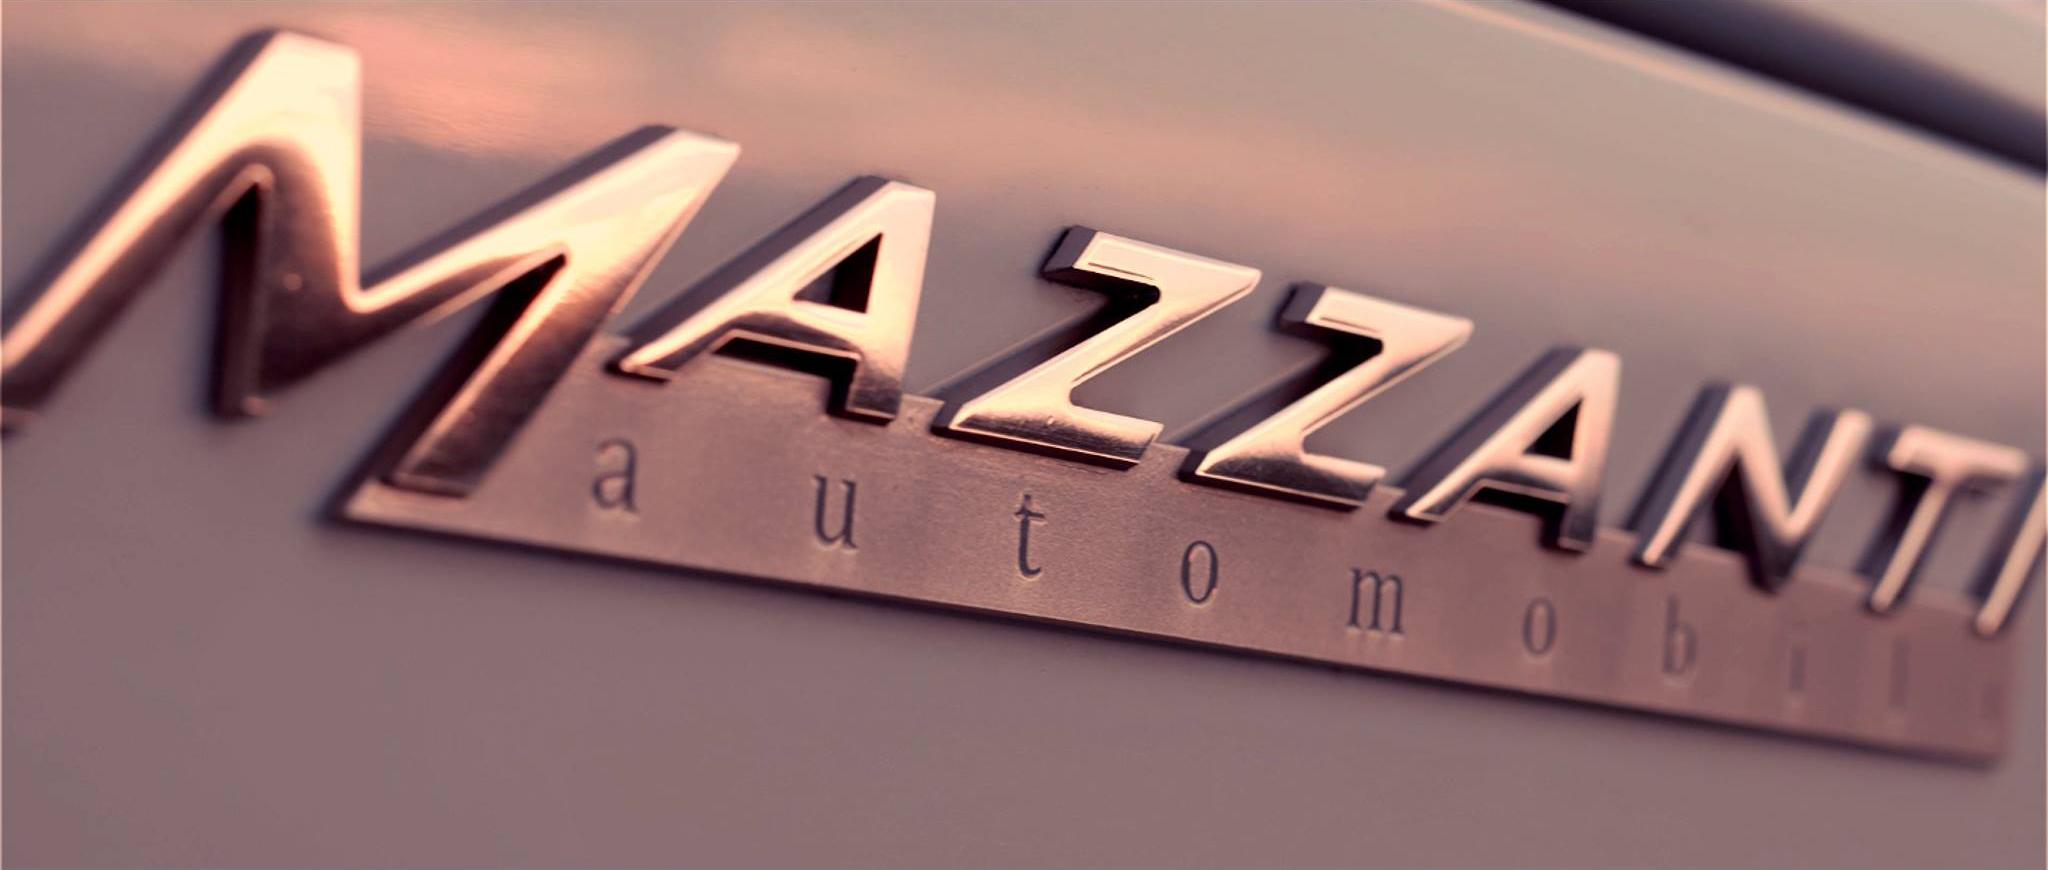 شرکت خودروسازی Mazzanti، عضو جدید دنیای رمز ارزها